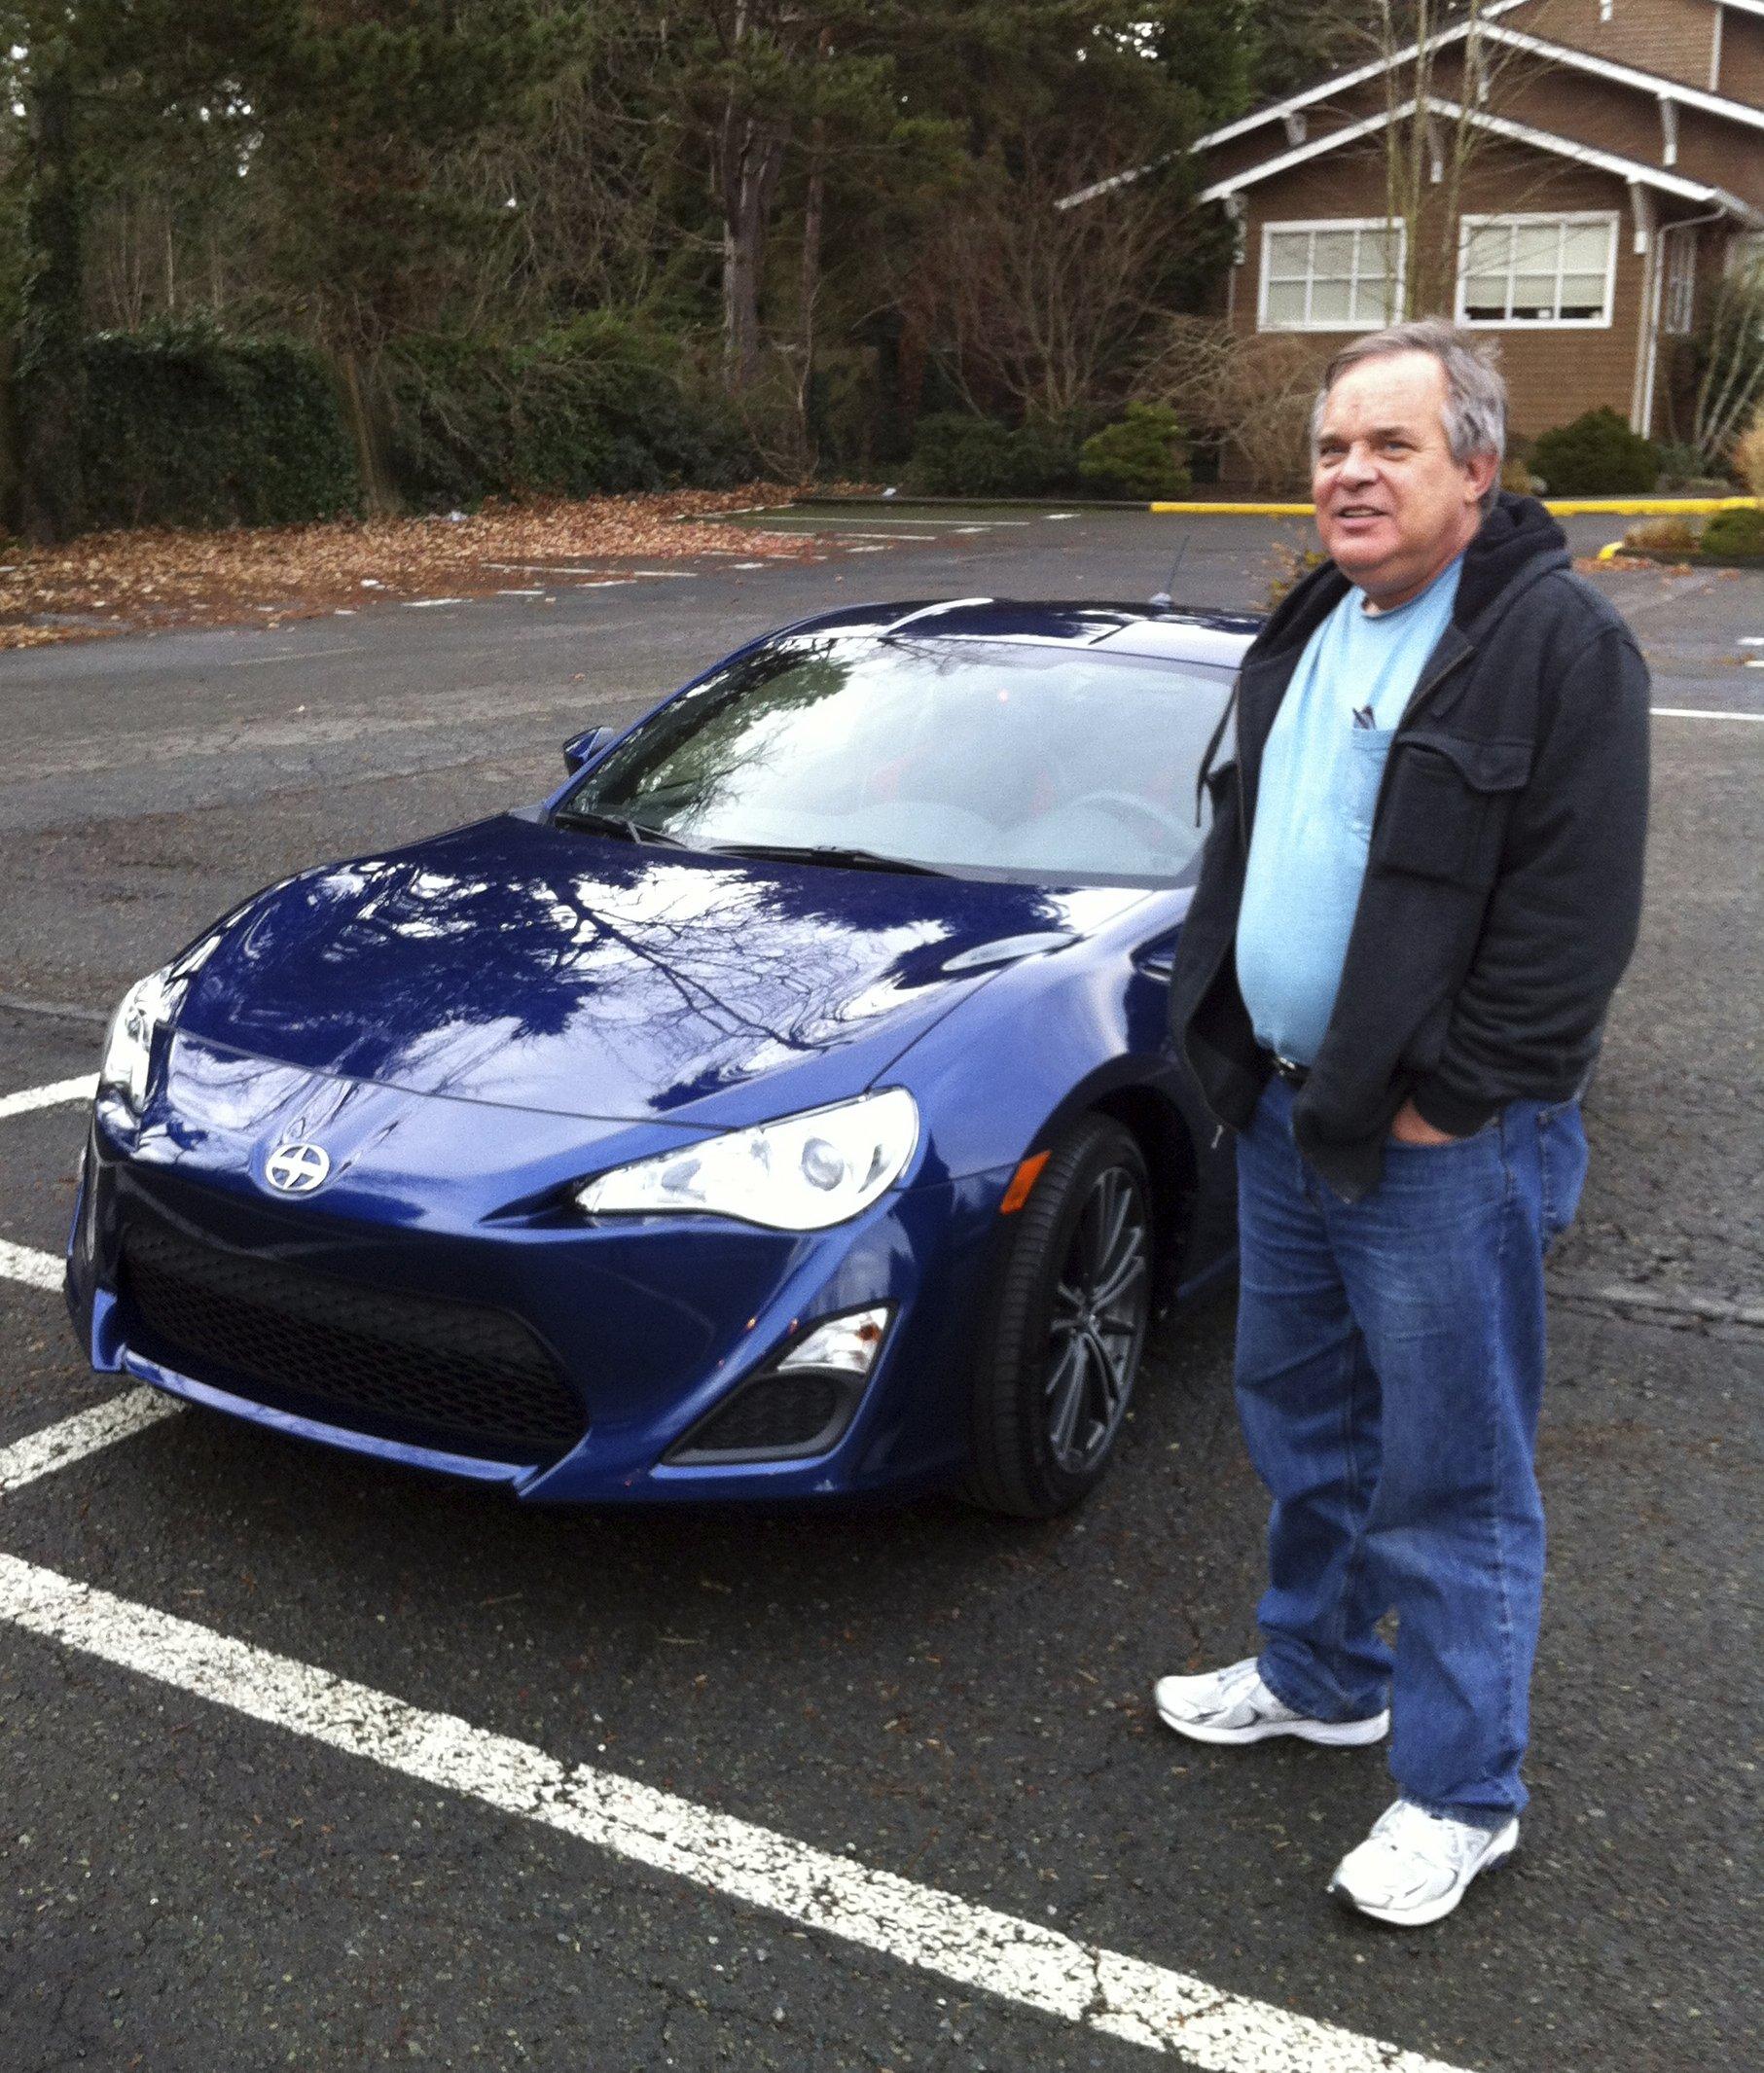 Alan Naiman poses with his new car